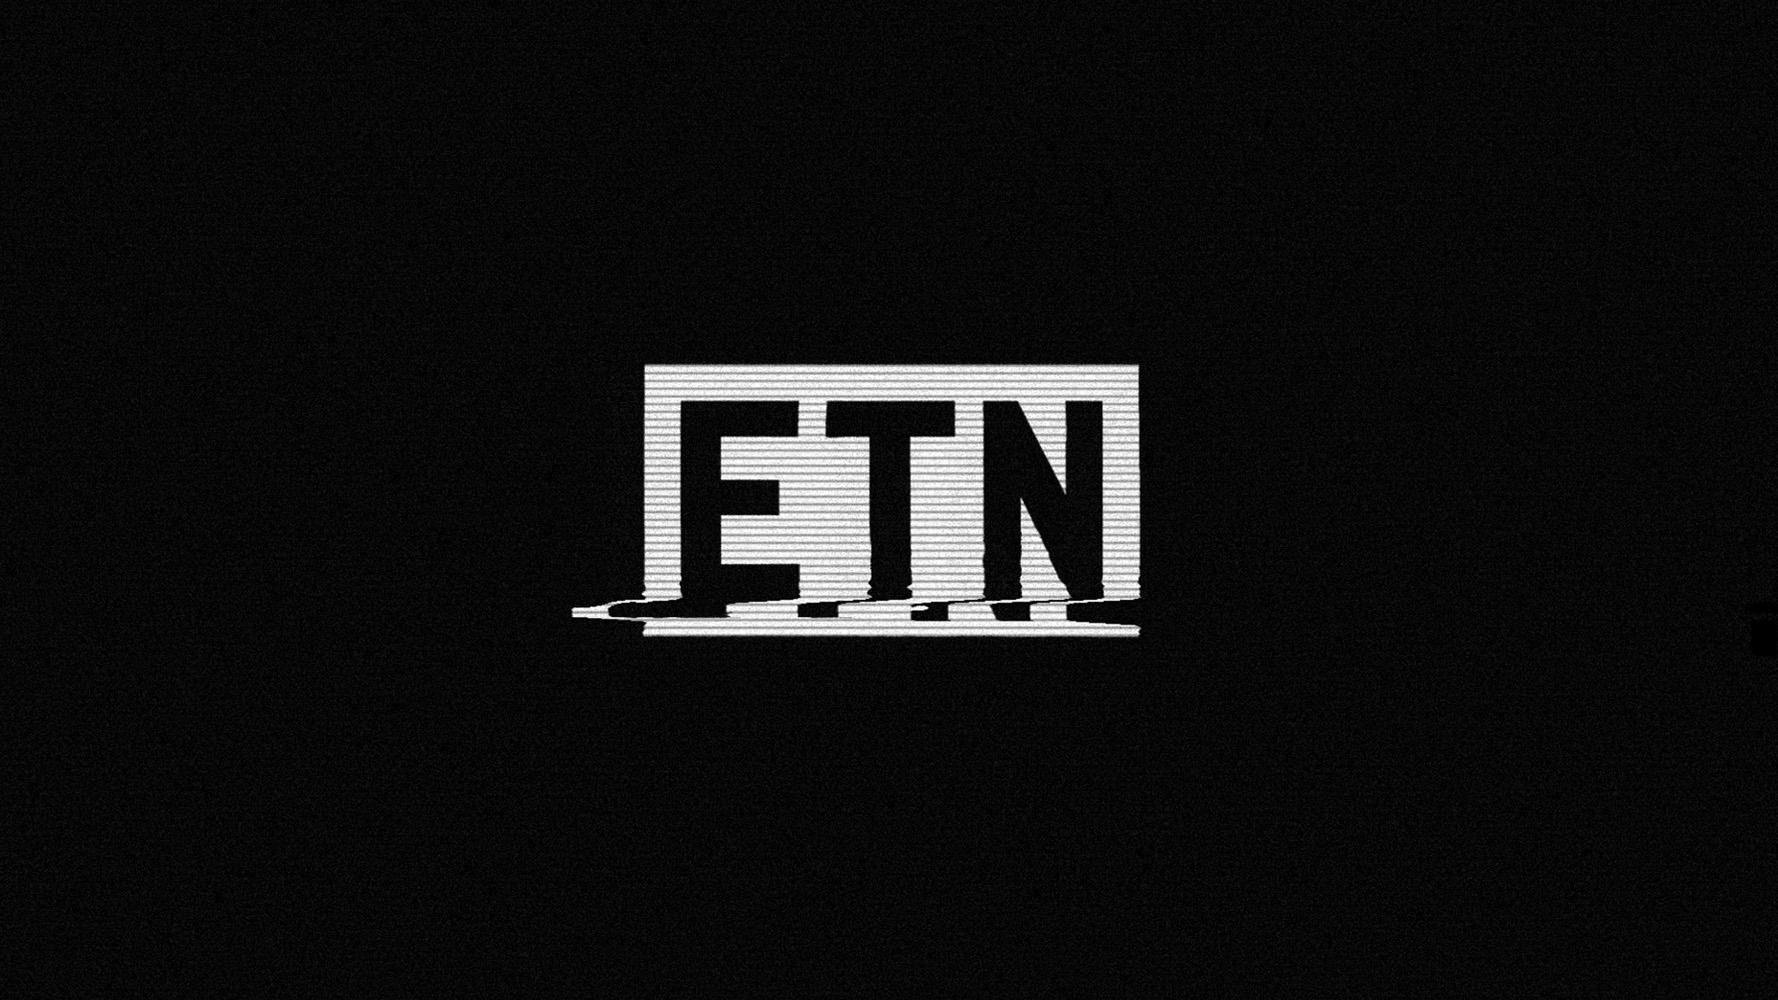 ETN_Logo.jpg